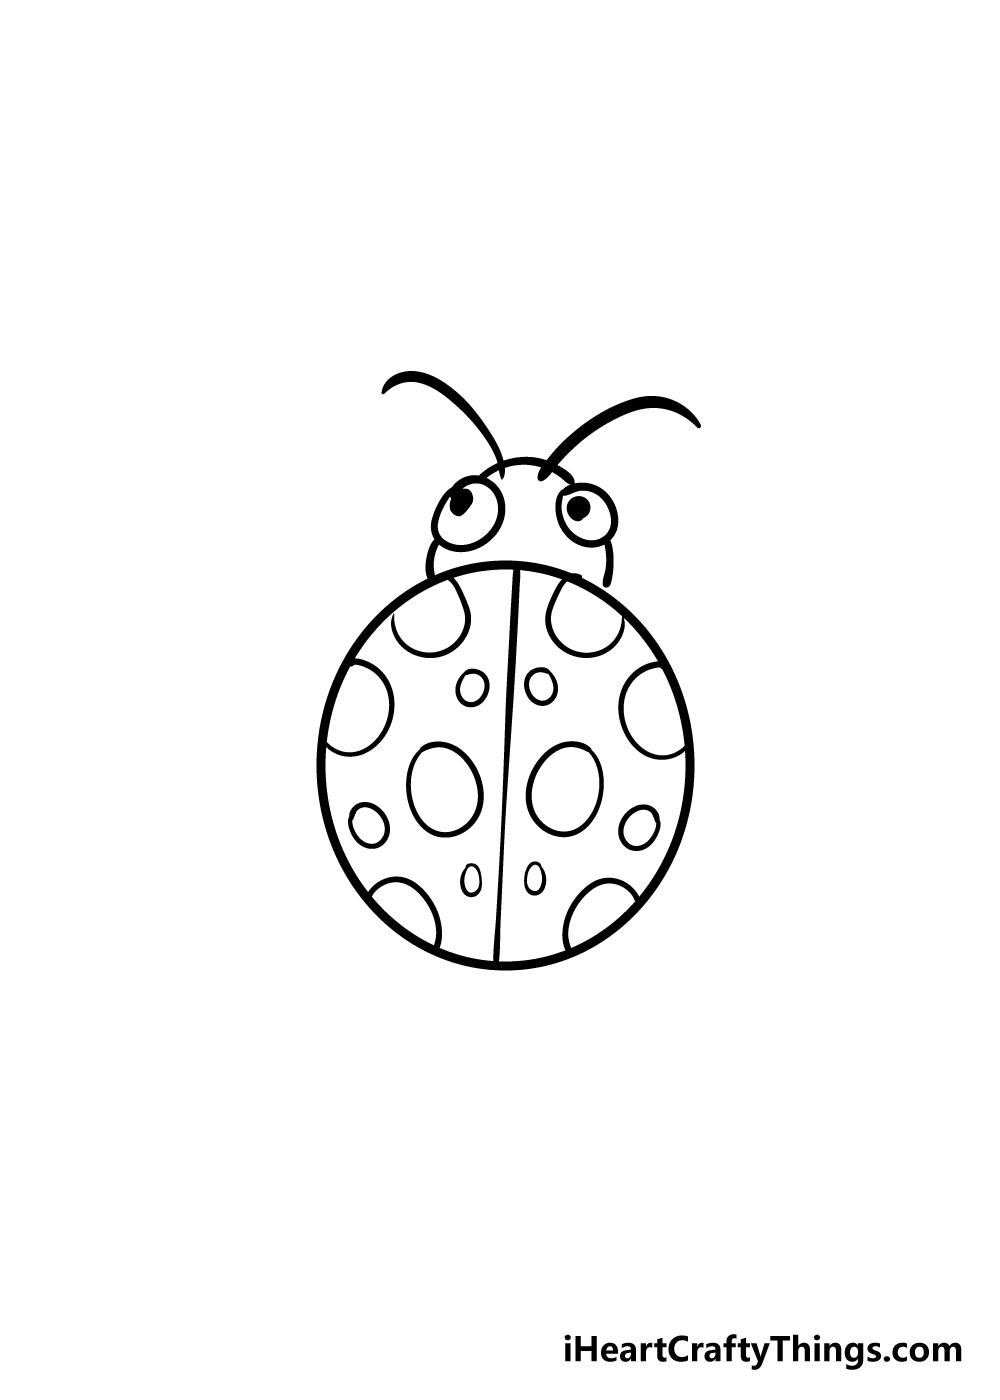 ladybug drawing step 5